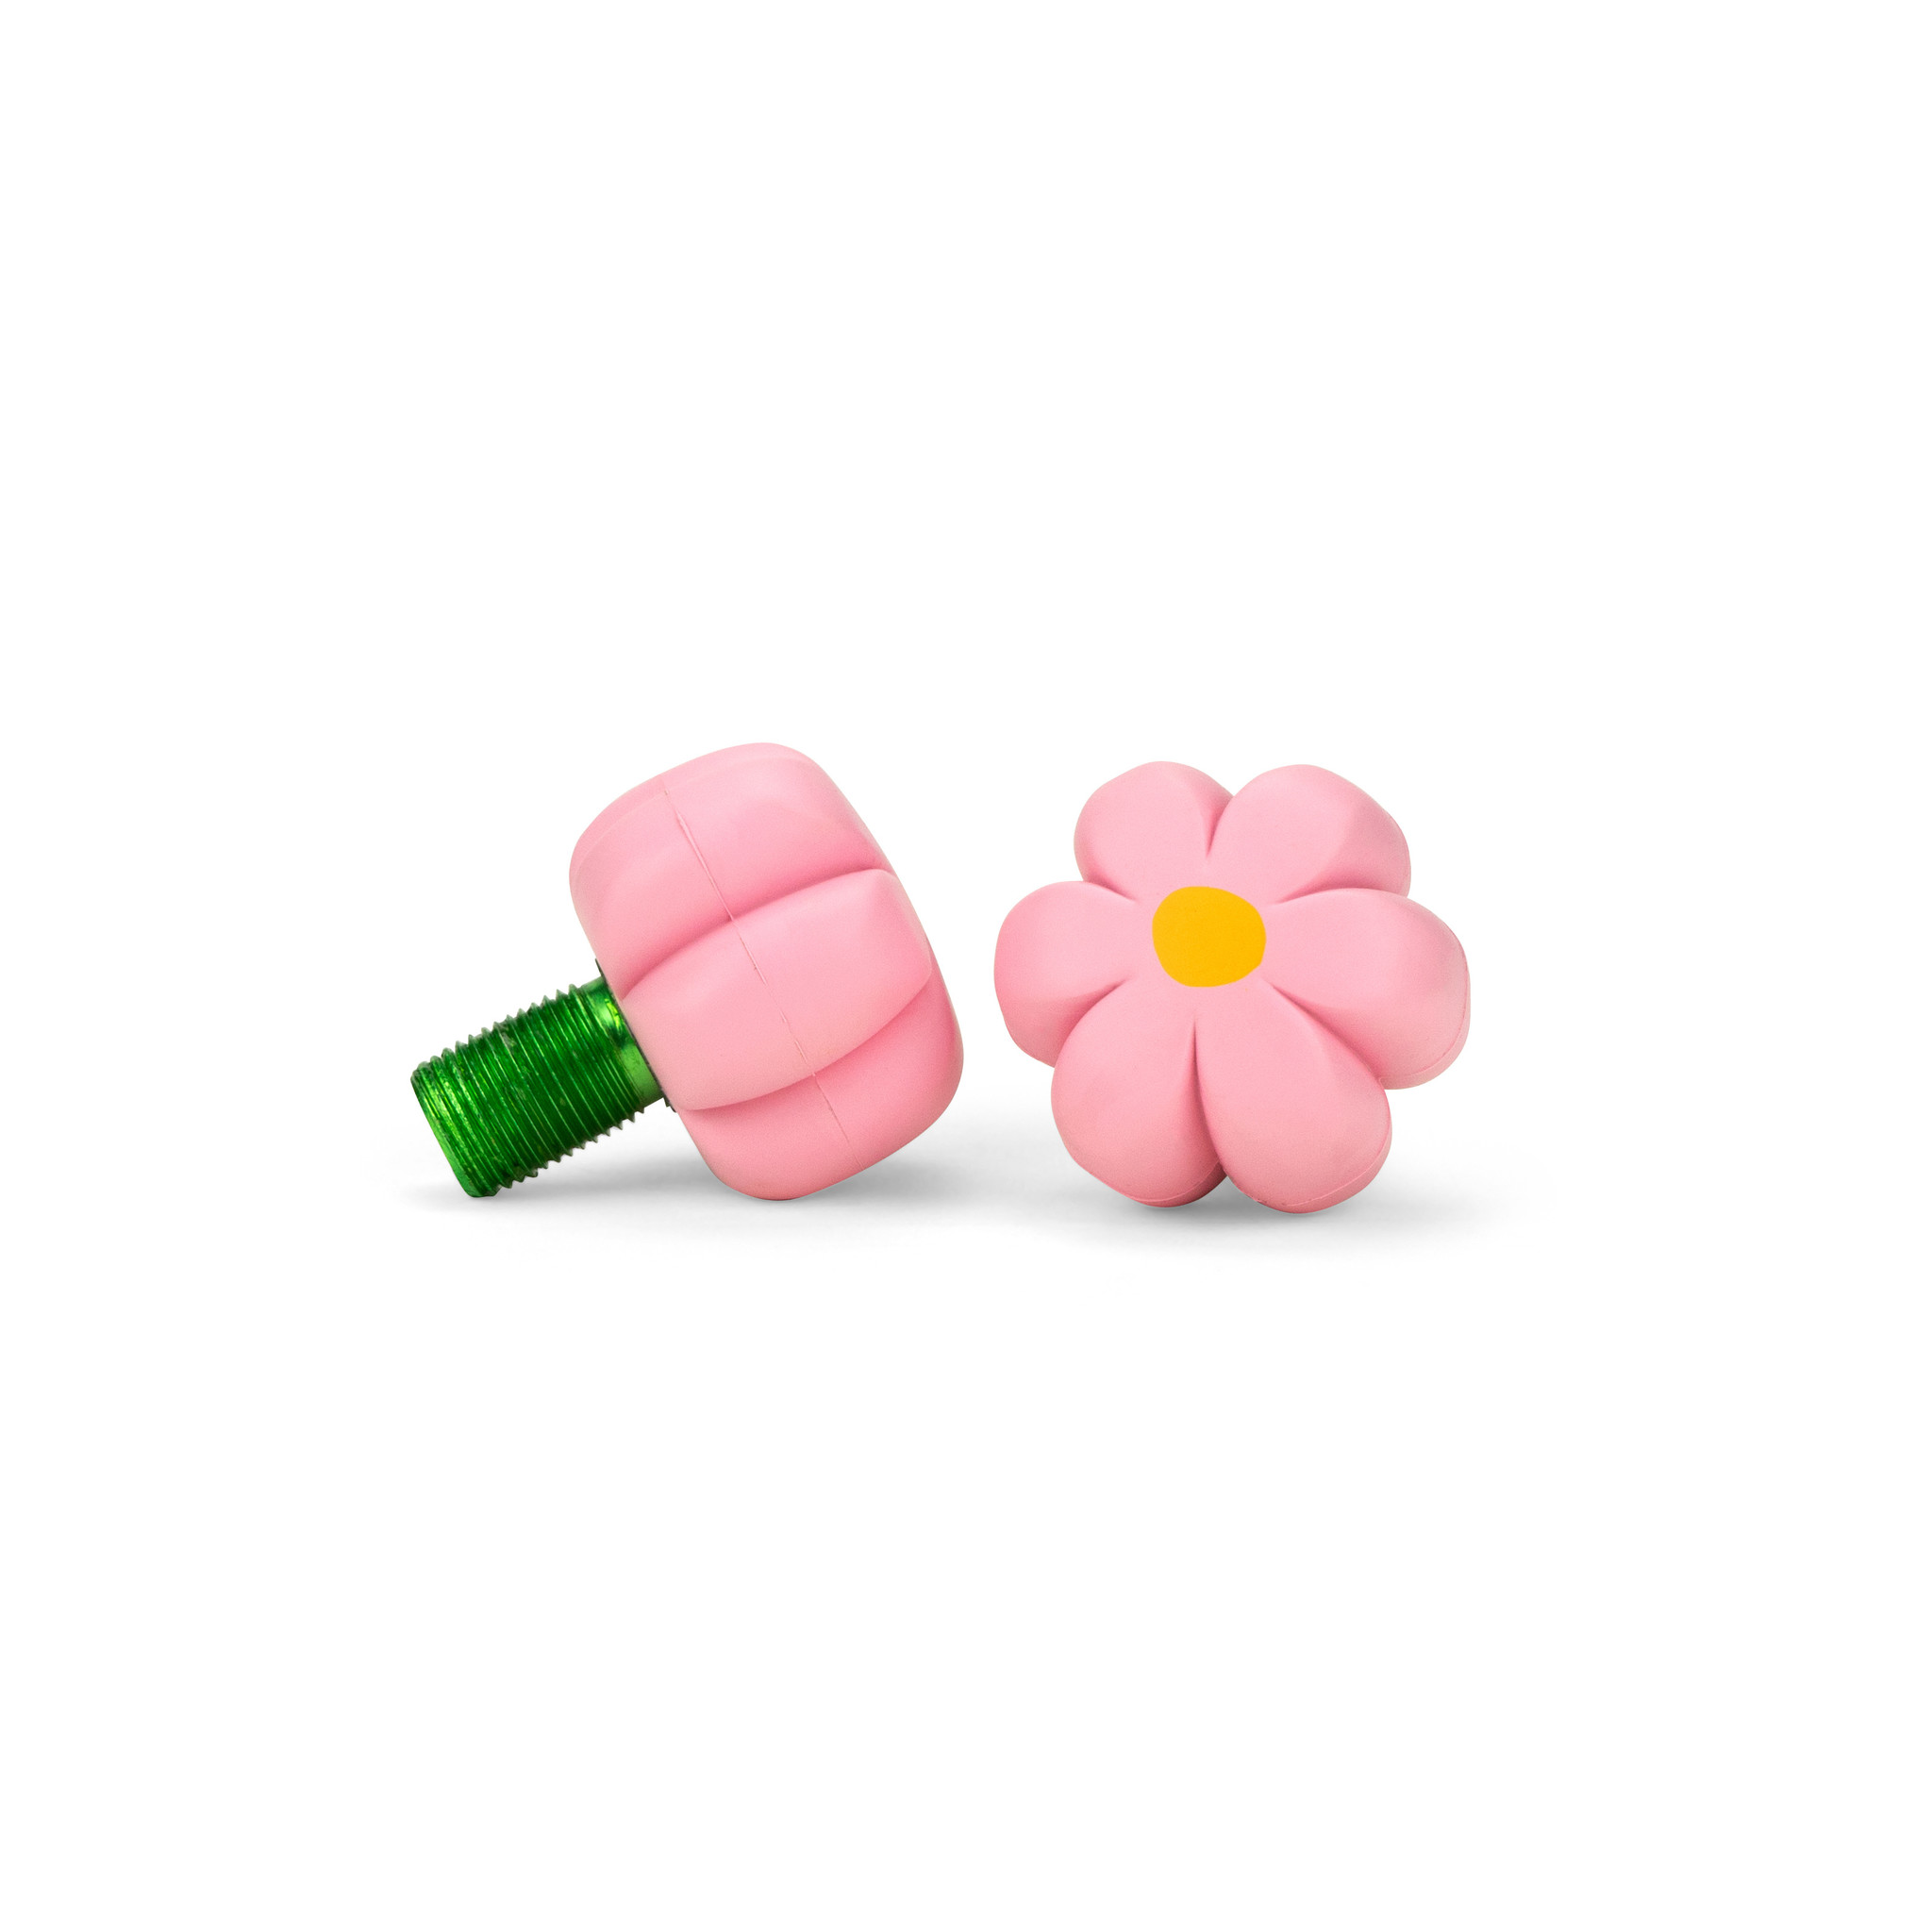 Moxi Brake Petals Toe Stops Pink Carnation